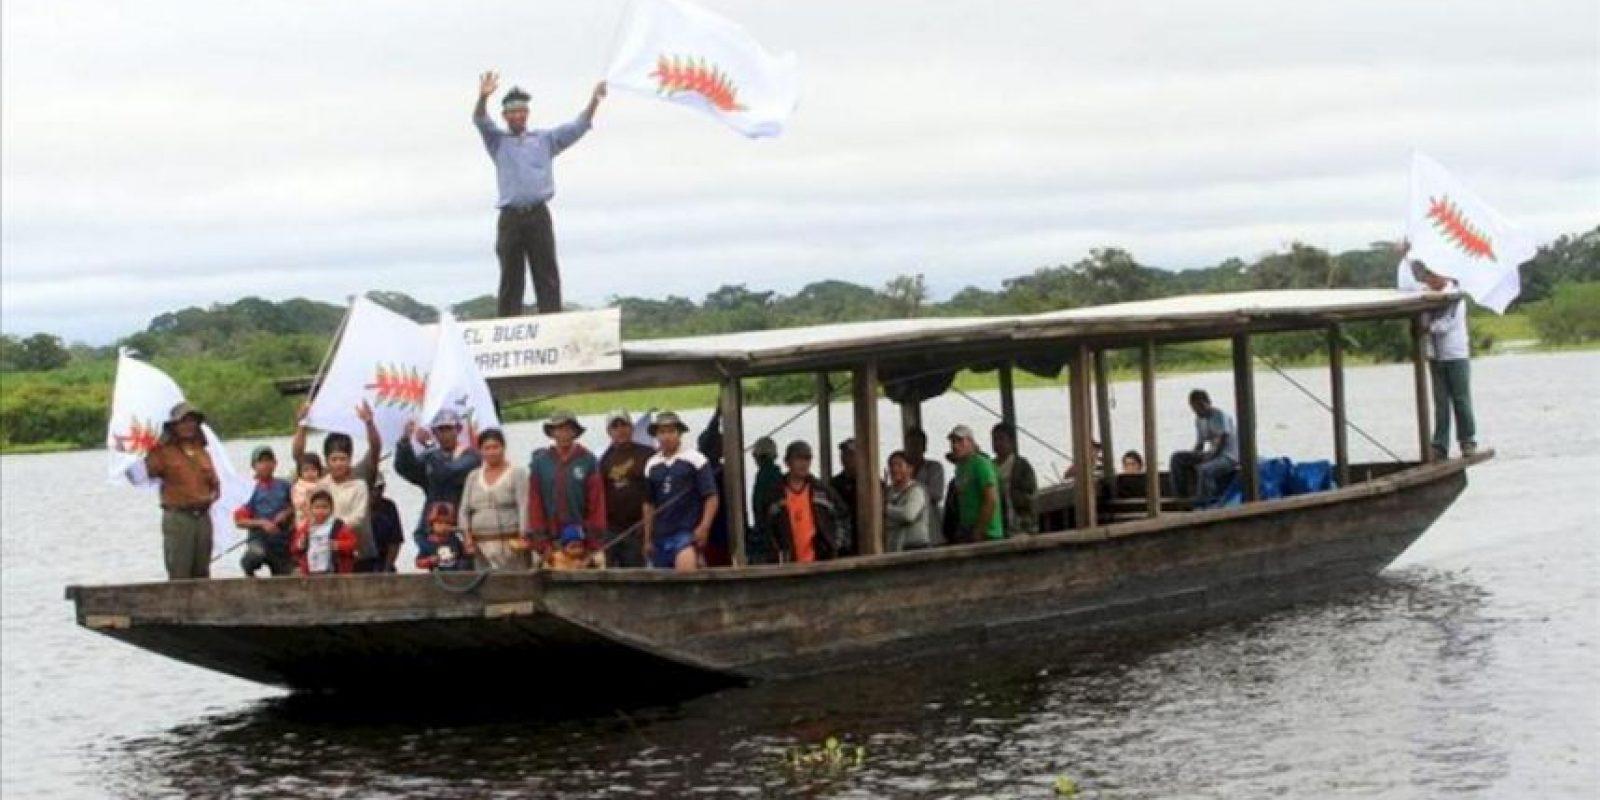 Un grupo de indígenas llega a la ciudad de Trinidad, Bolivia, donde cientos de nativos de la Amazonia boliviana ultiman los preparativos para comenzar en las próximas horas su segunda marcha hacia a La Paz, en menos de un año, para rechazar la construcción de una carretera a través de la reserva natural Tipnis. EFE